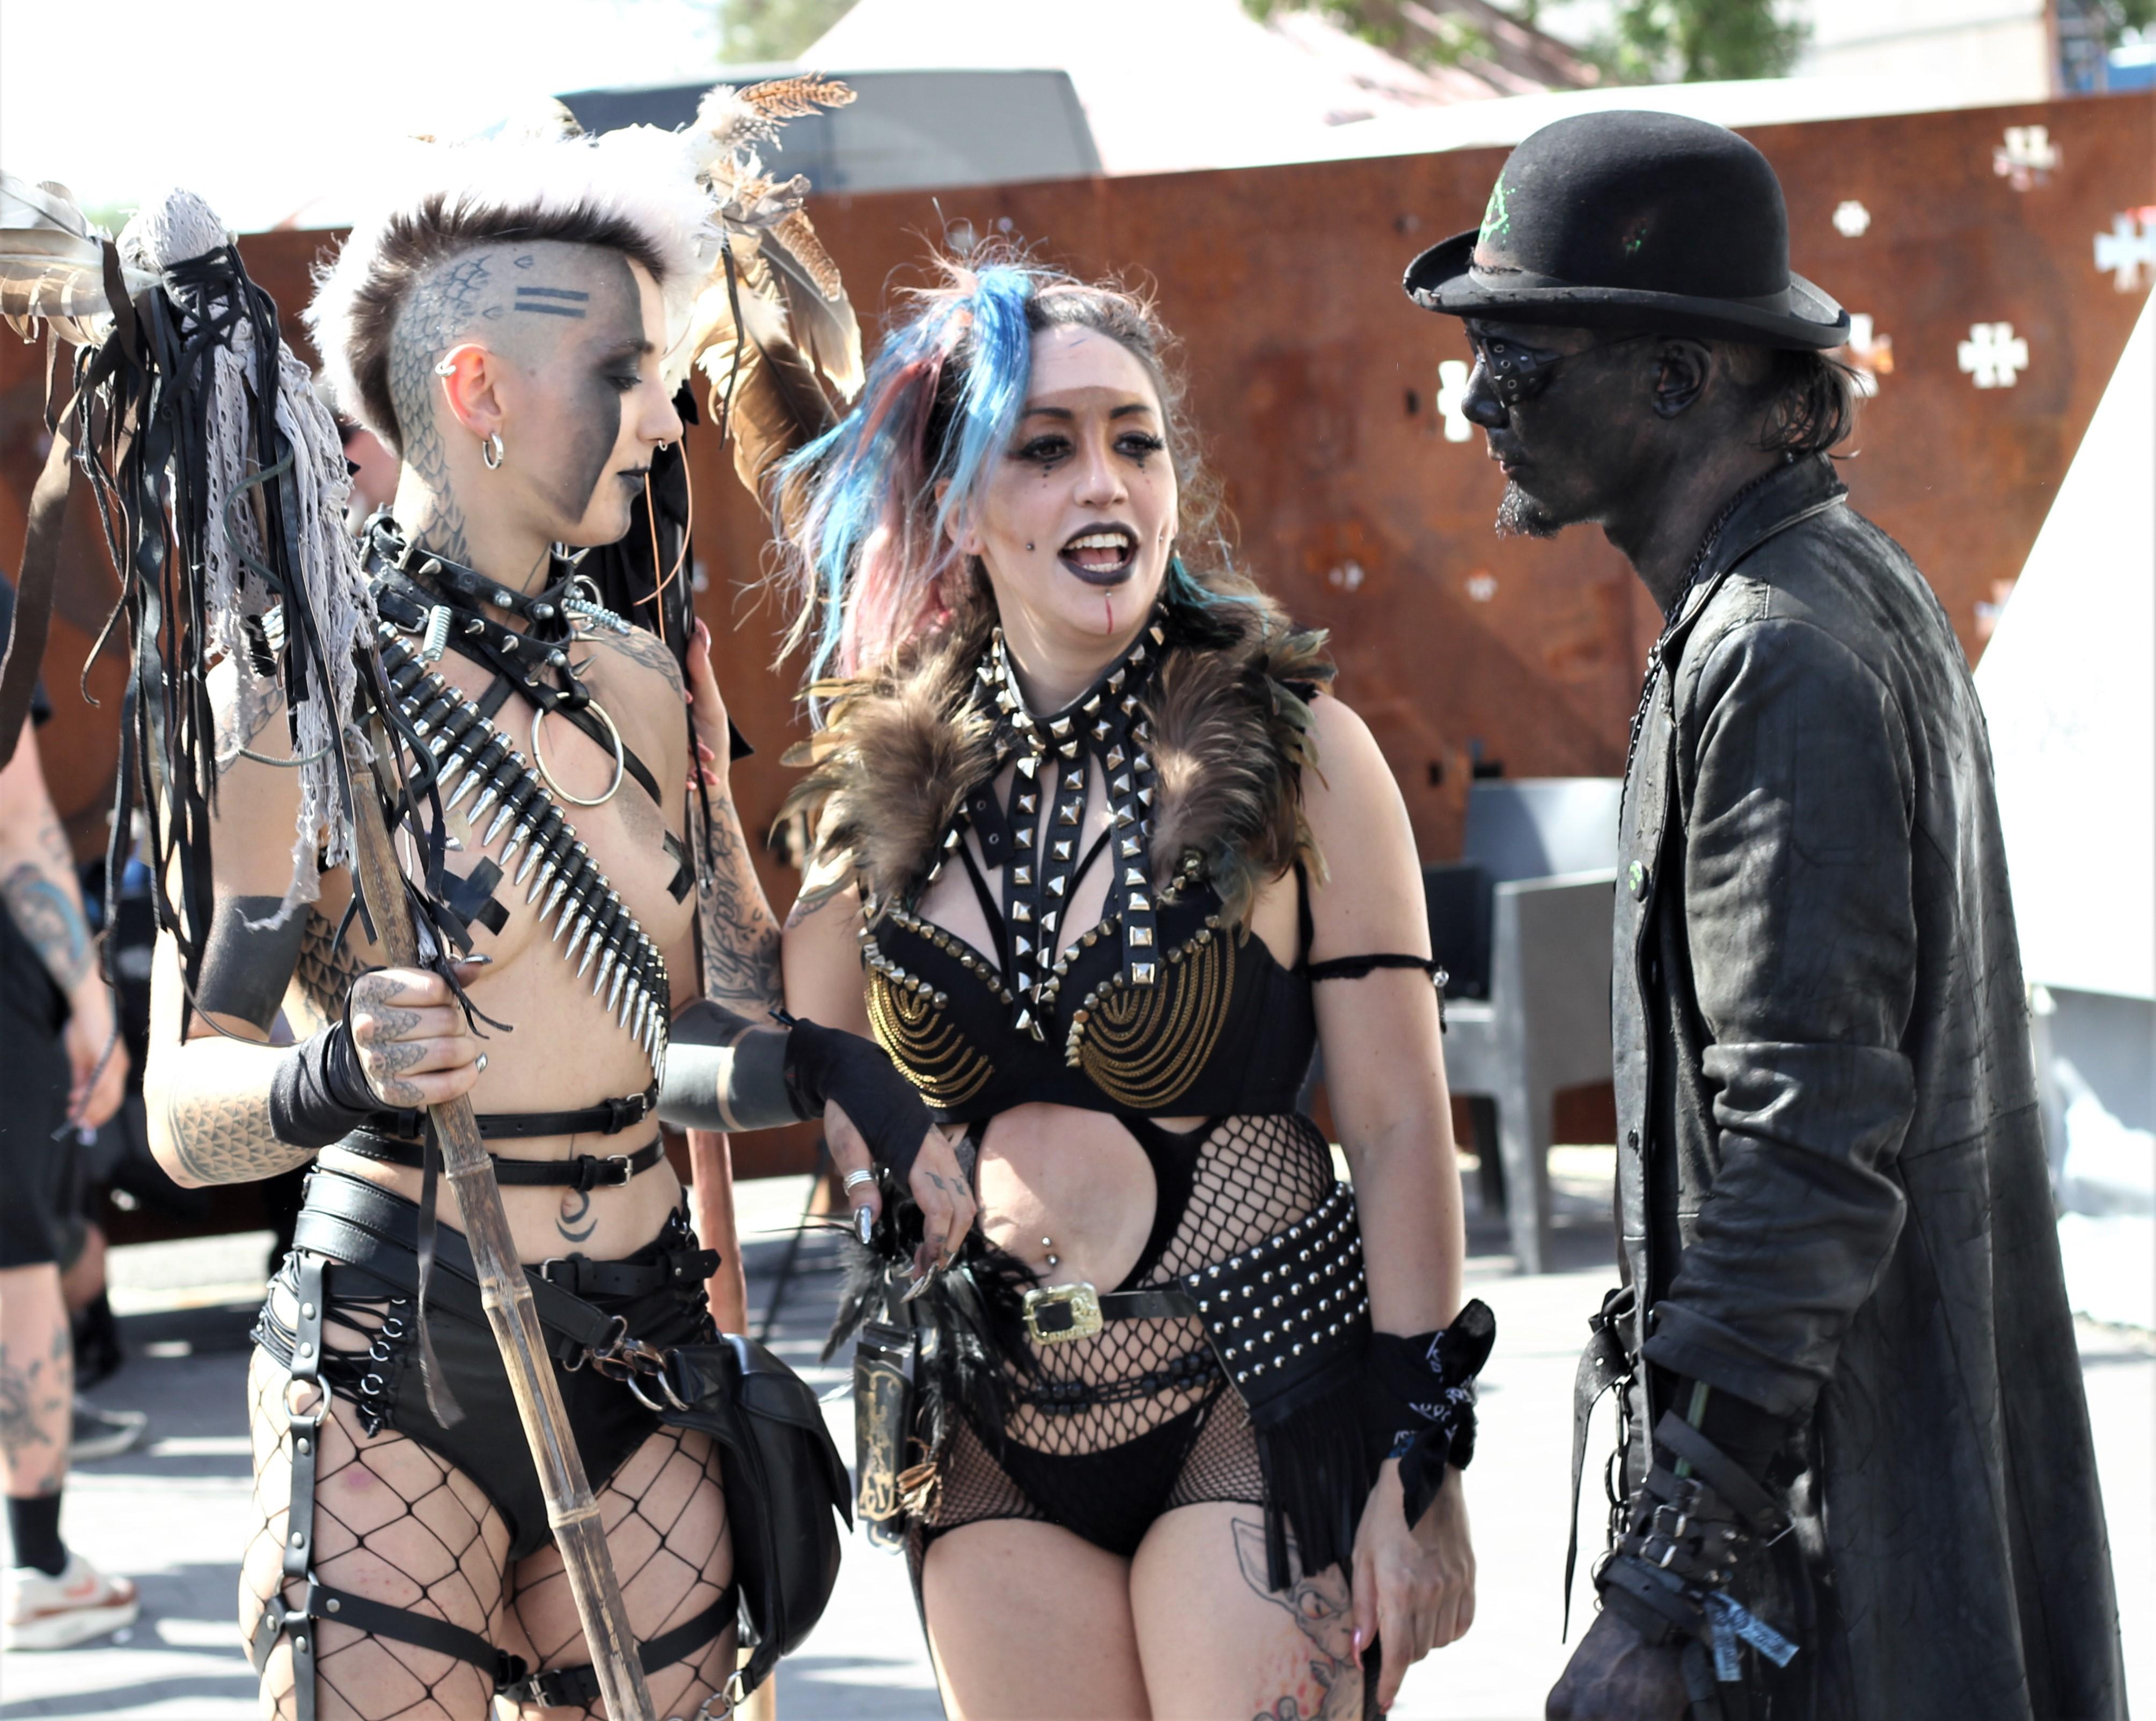 Amazones Metal Hellfest juin 2019 - weirdsound